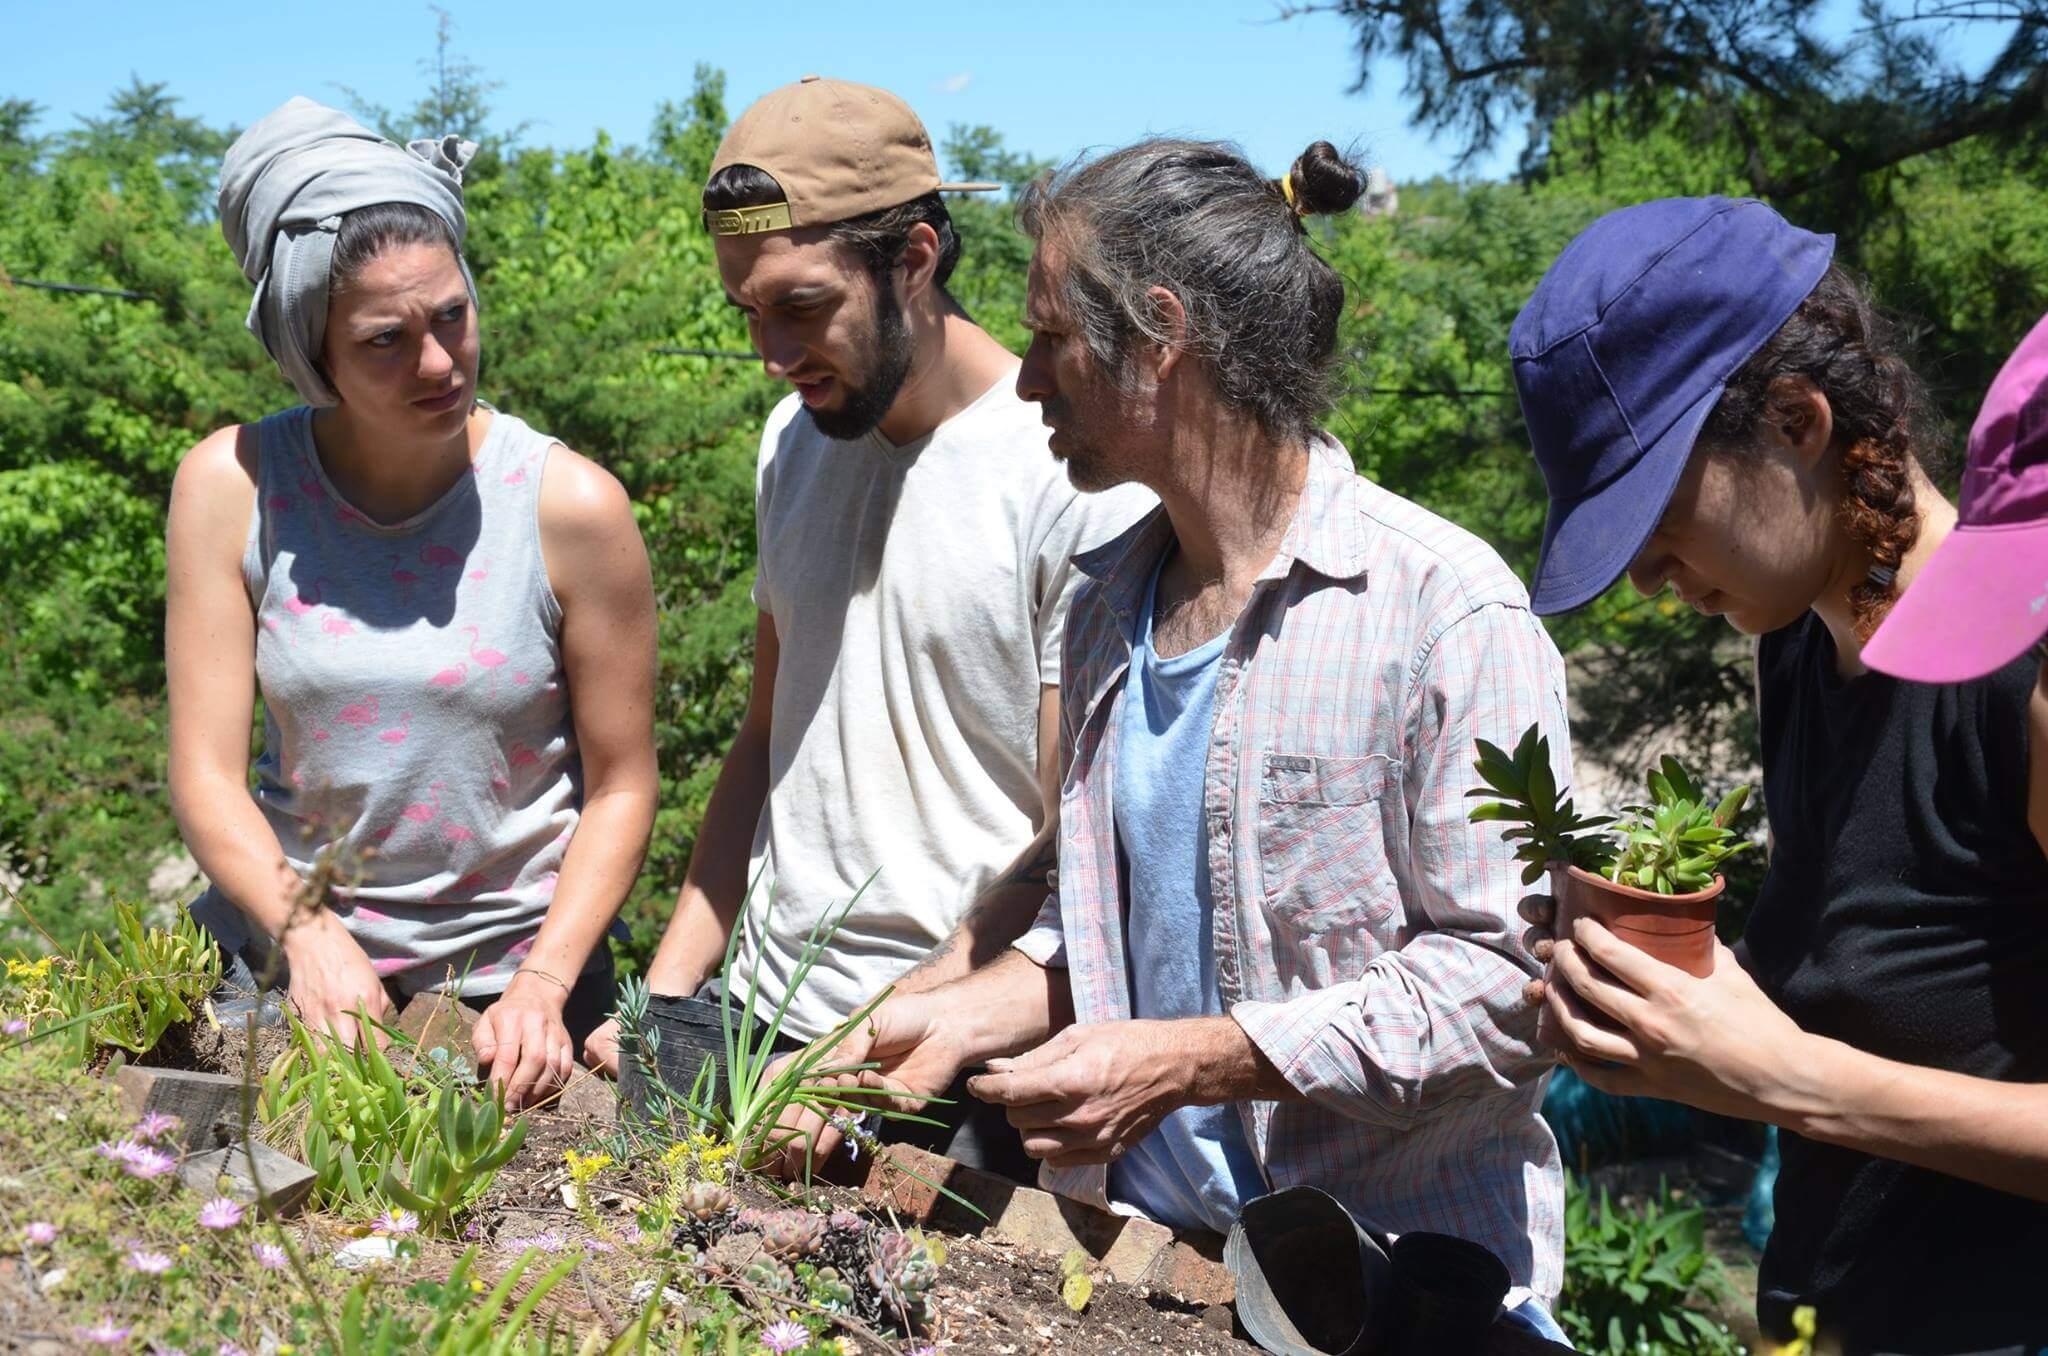 Ateliers de formation à l'auto-construction écologique et solidaire en Argentine